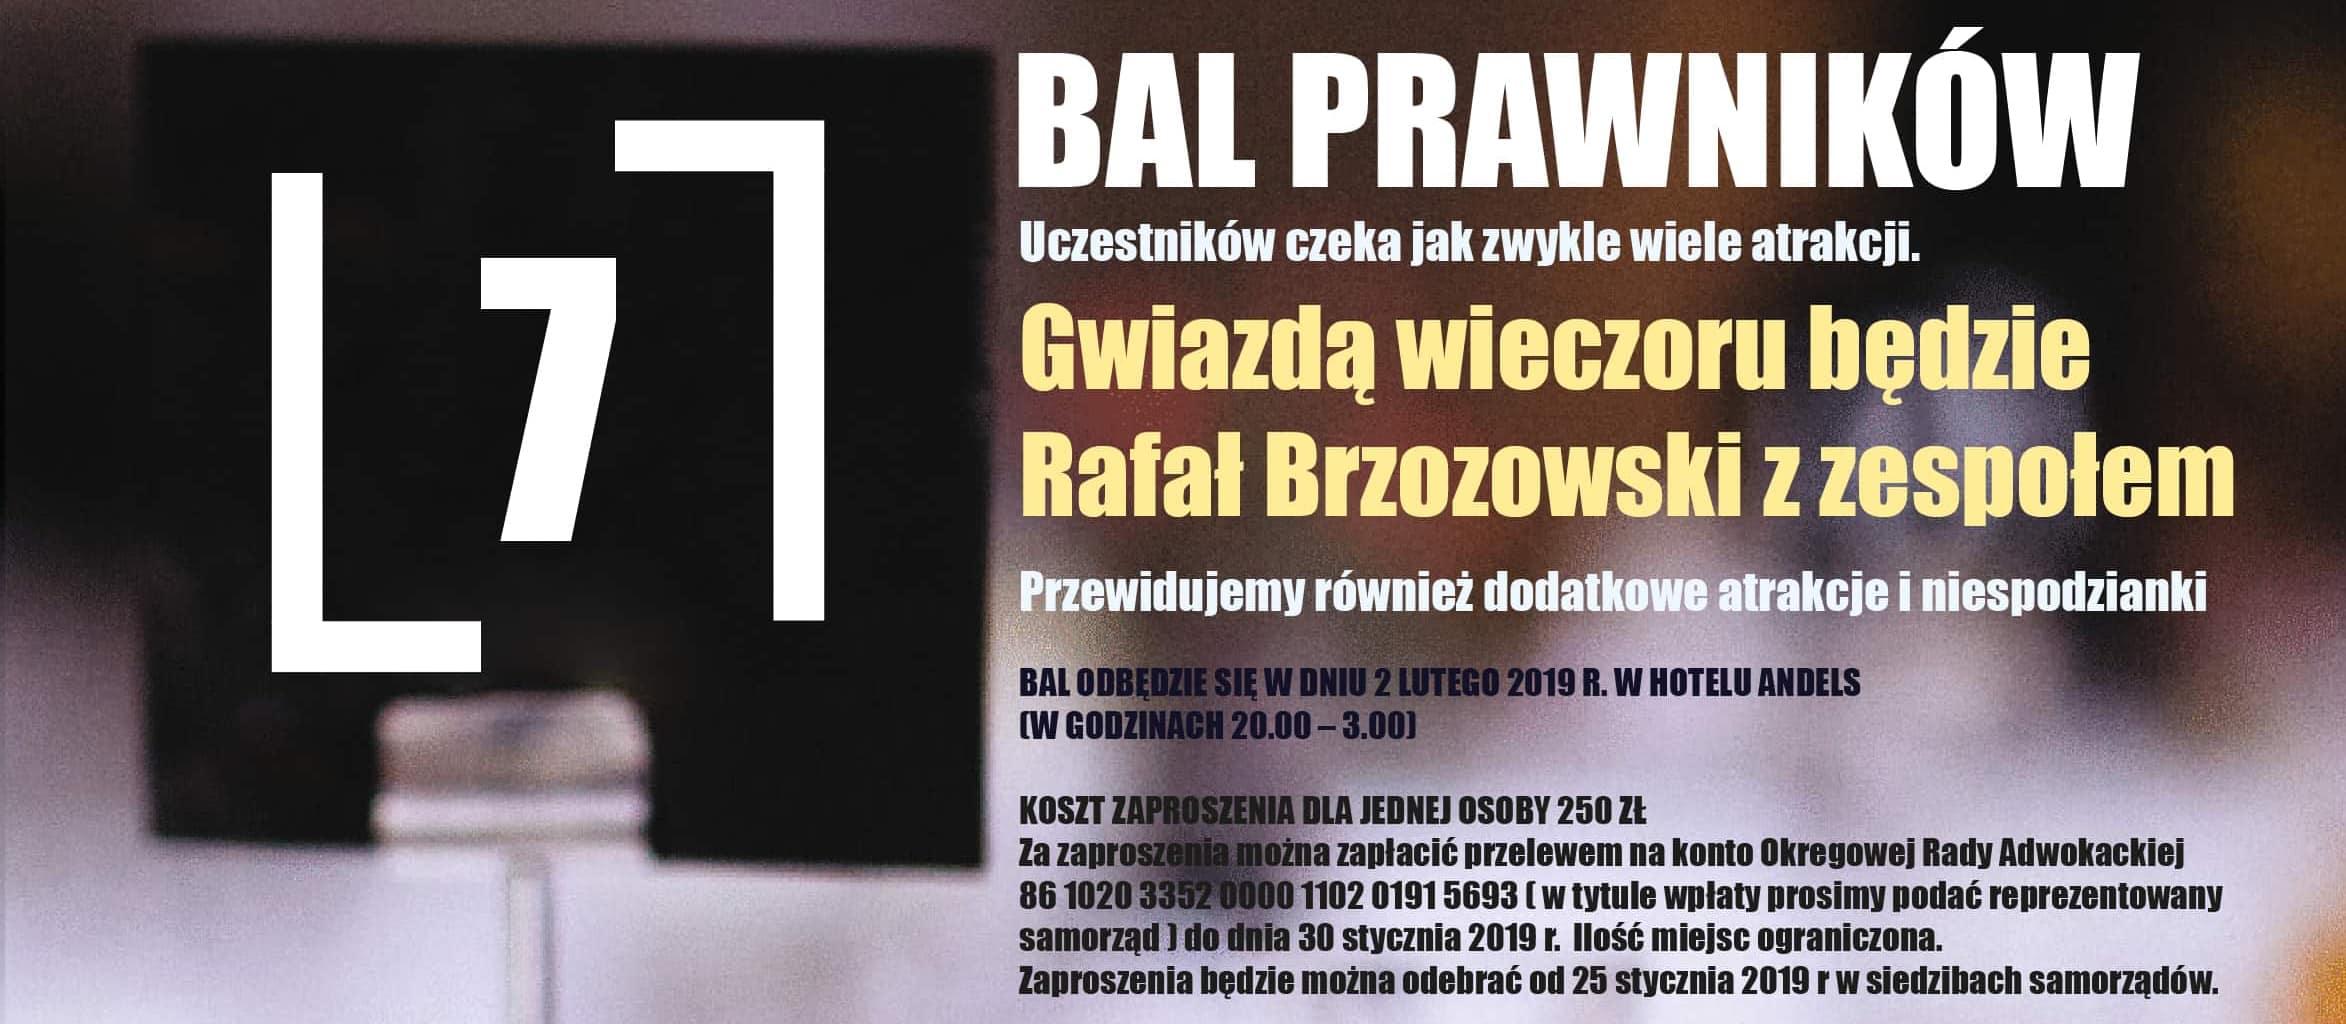 bal prawnikow 2